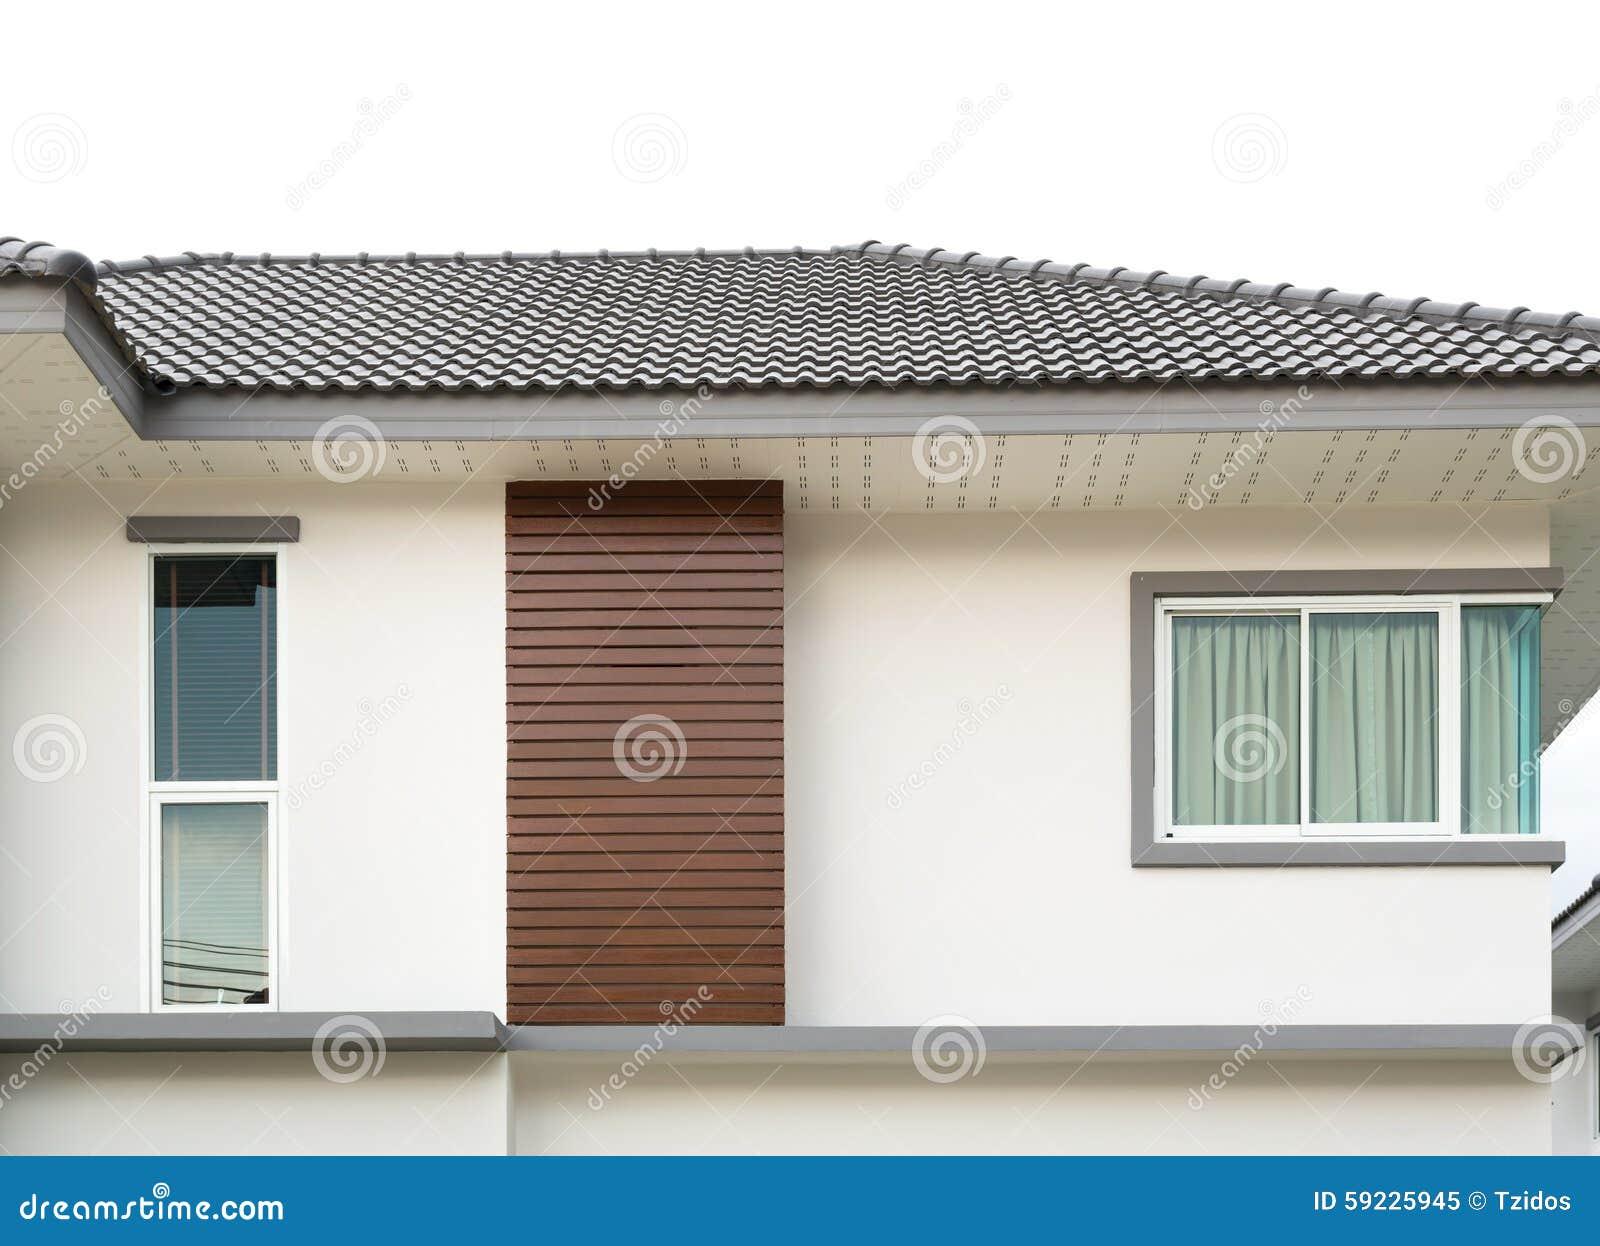 Download Nueva Casa Urbana En Hileras O Casa Urbana Exterior Imagen de archivo - Imagen de exterior, contemporáneo: 59225945